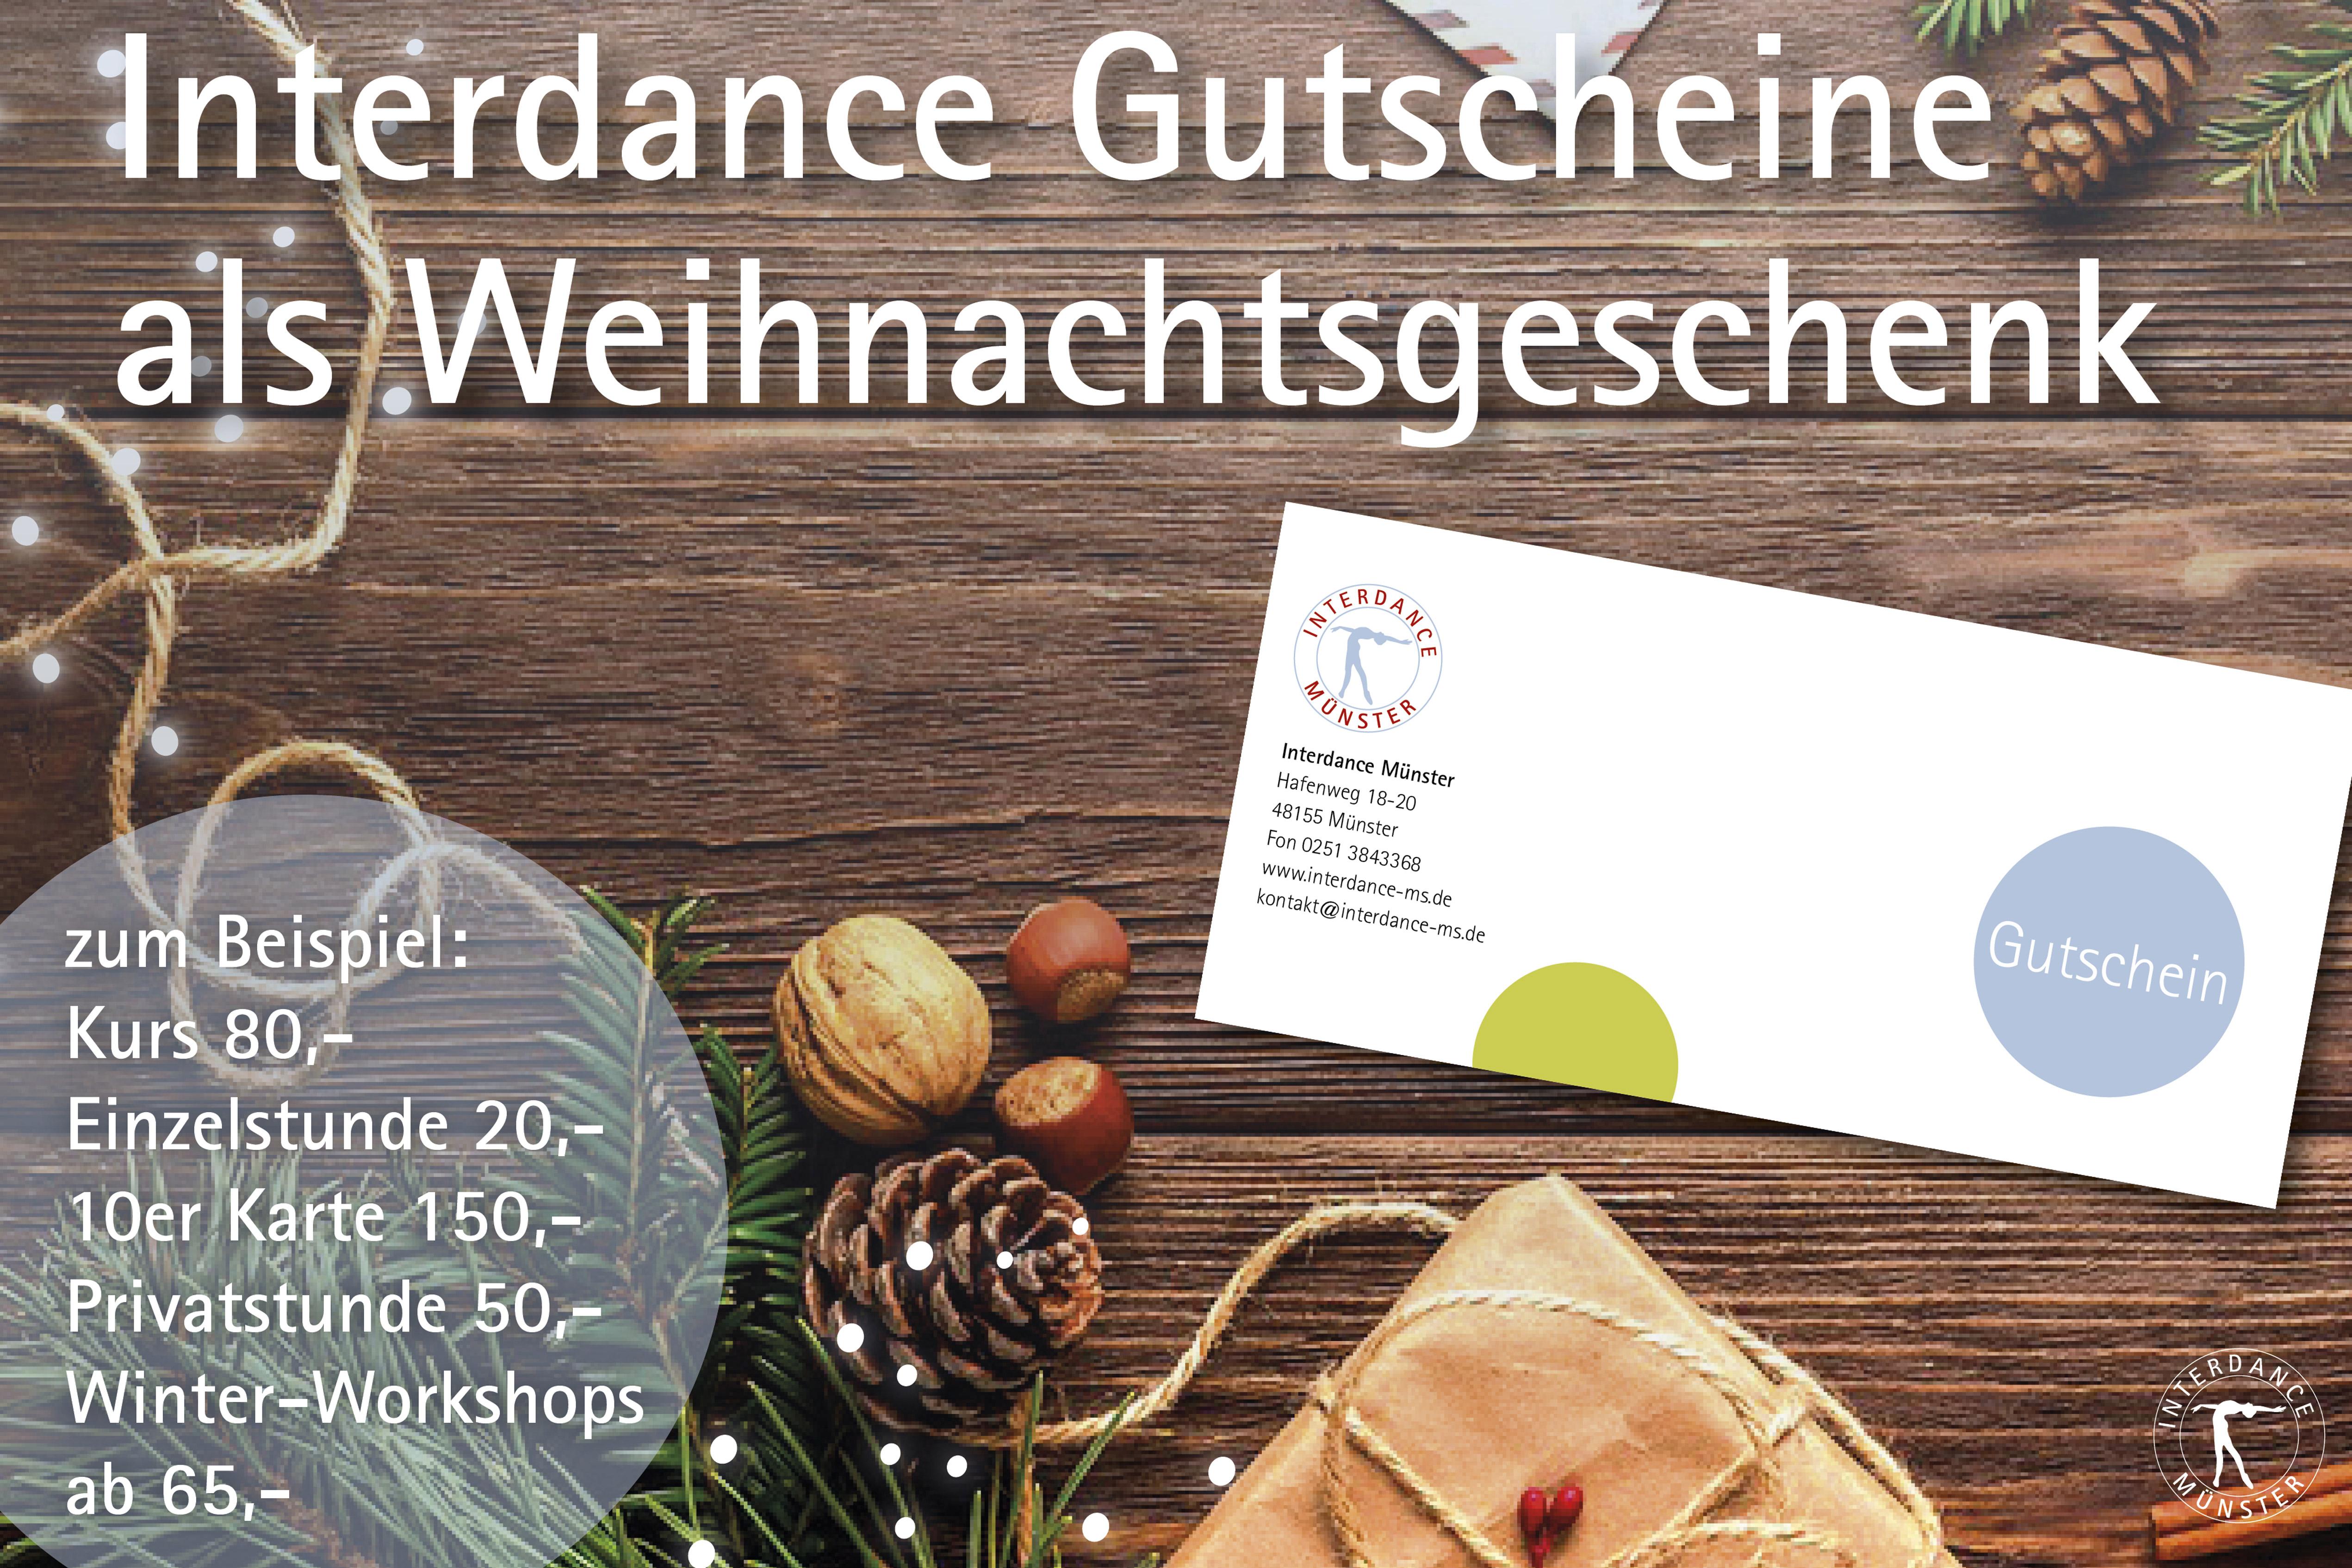 Interdance Gutschein als Weihnachtsgeschenk